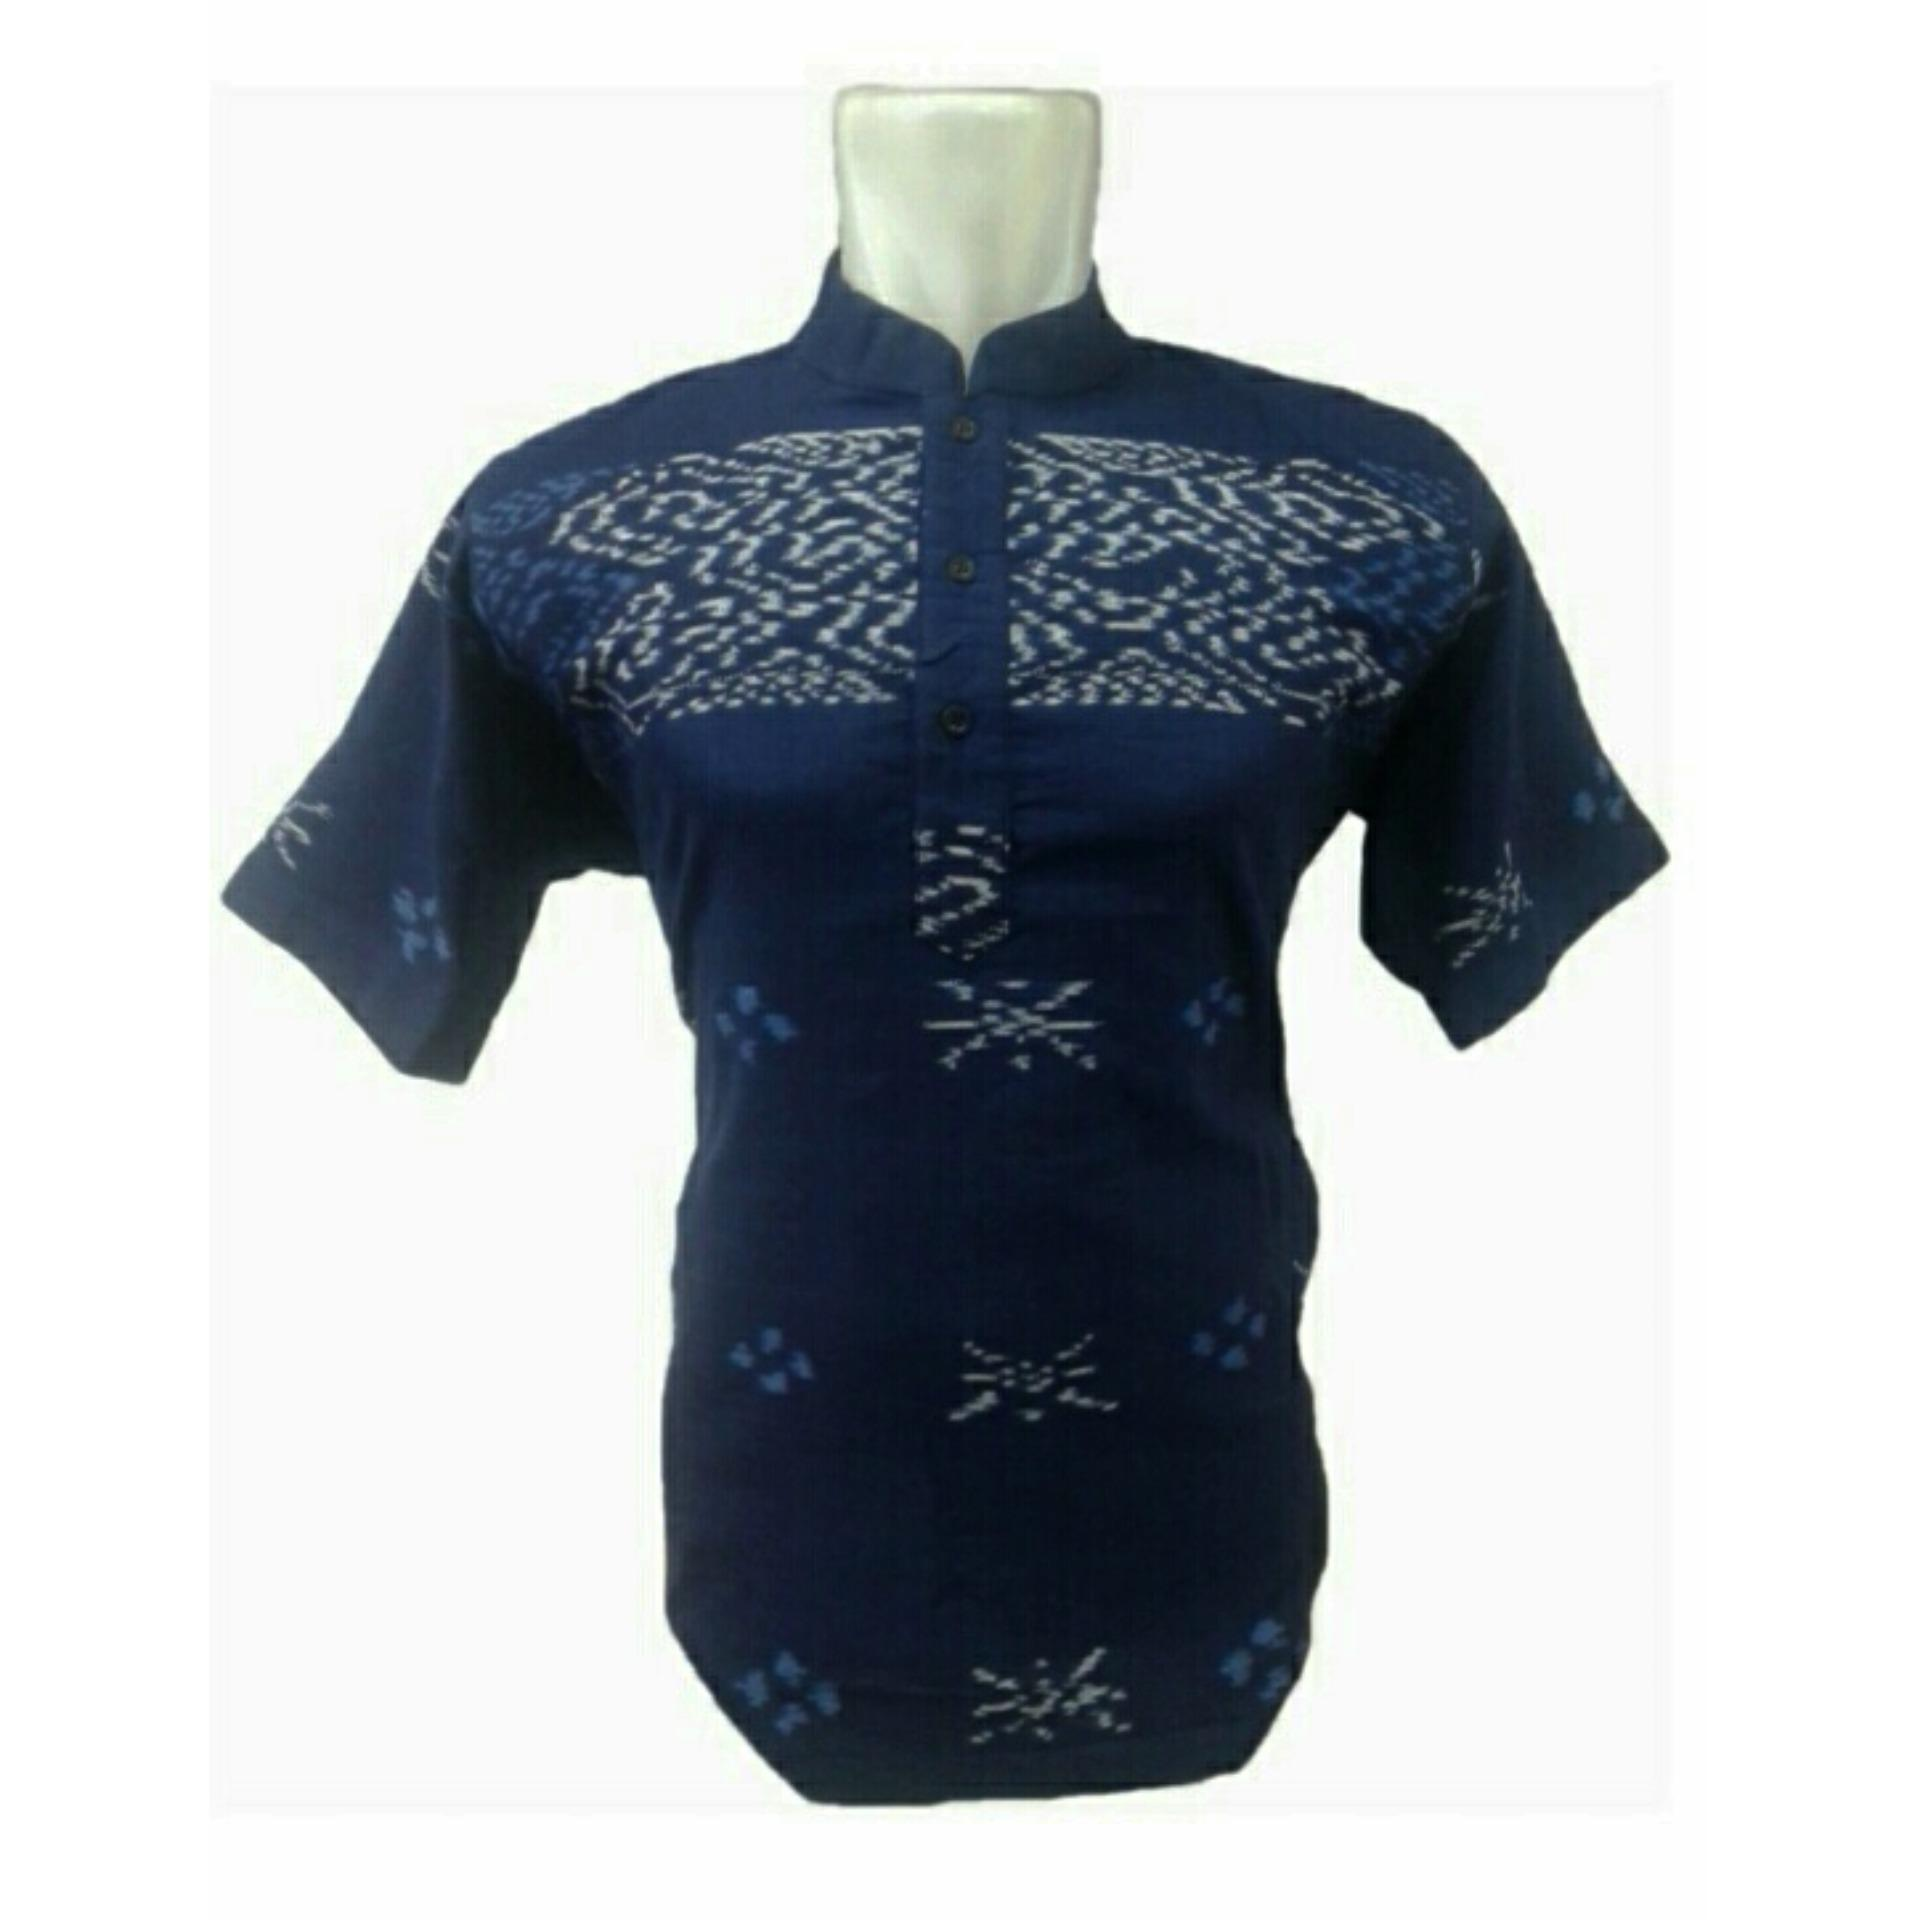 Beli Kaos 3d Sorban Hitam Lengan Panjang Baju Muslim Tshirt Dakwah Angelin Fashion New Pria Koko Tenun Cowok